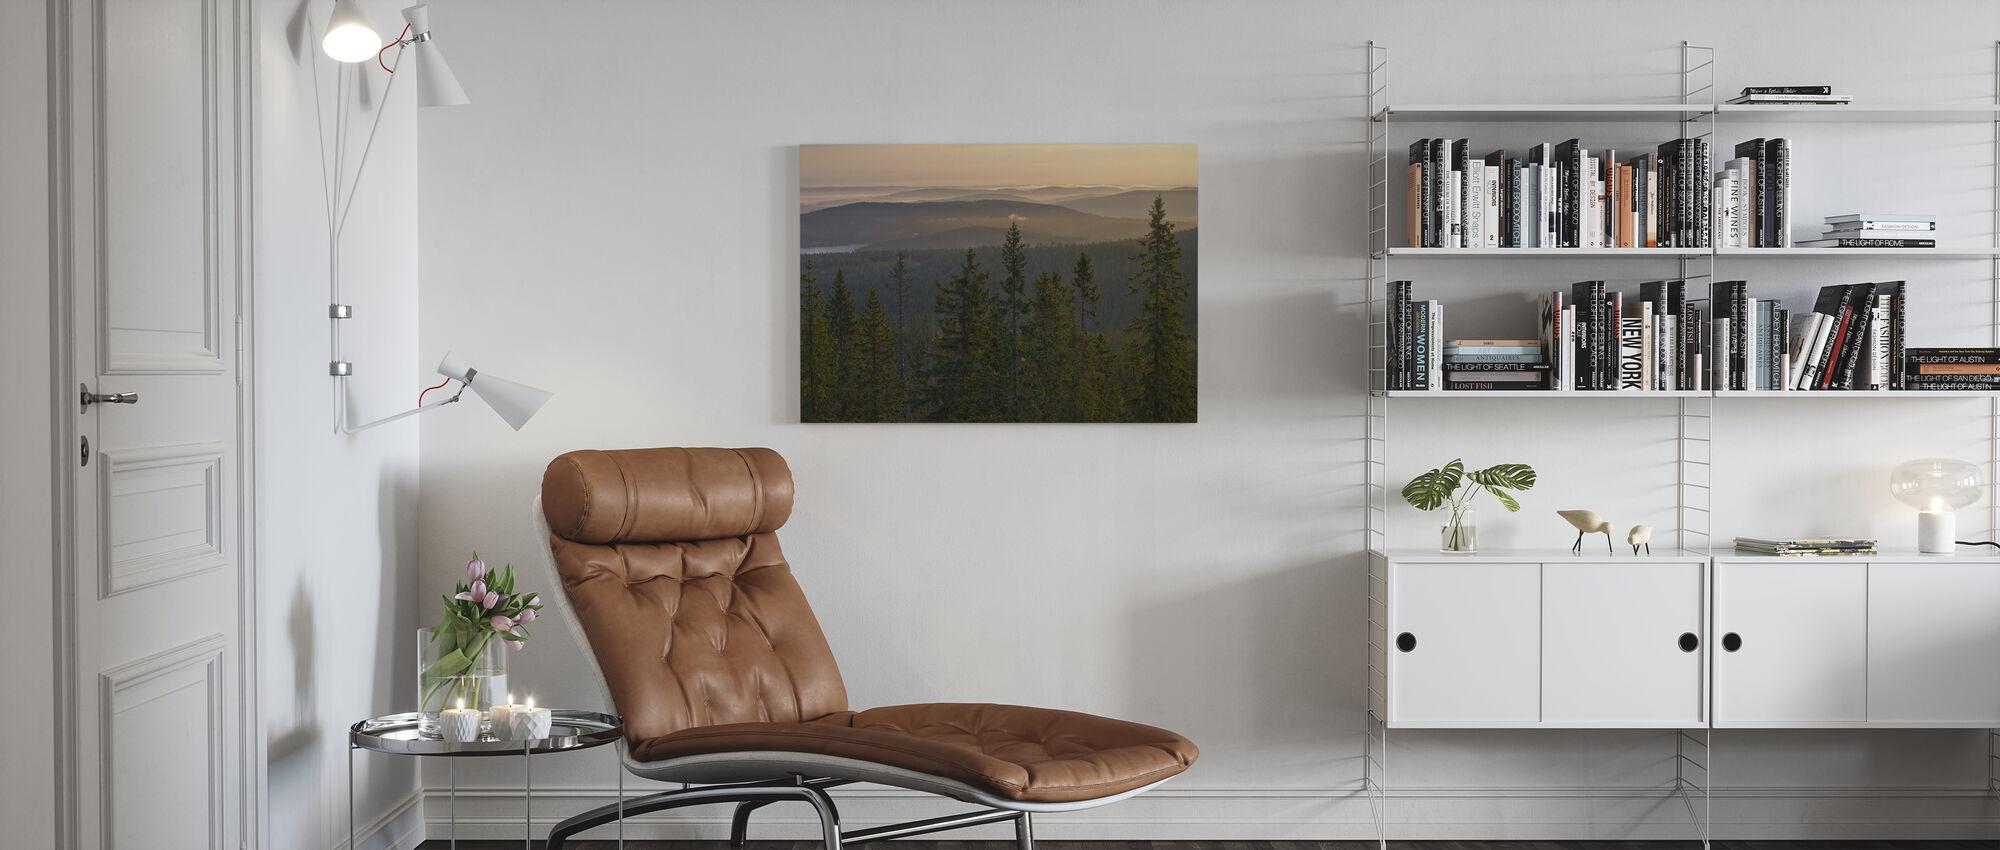 Skuleskogen Nationalpark Fichte, Schweden - Leinwandbild - Wohnzimmer